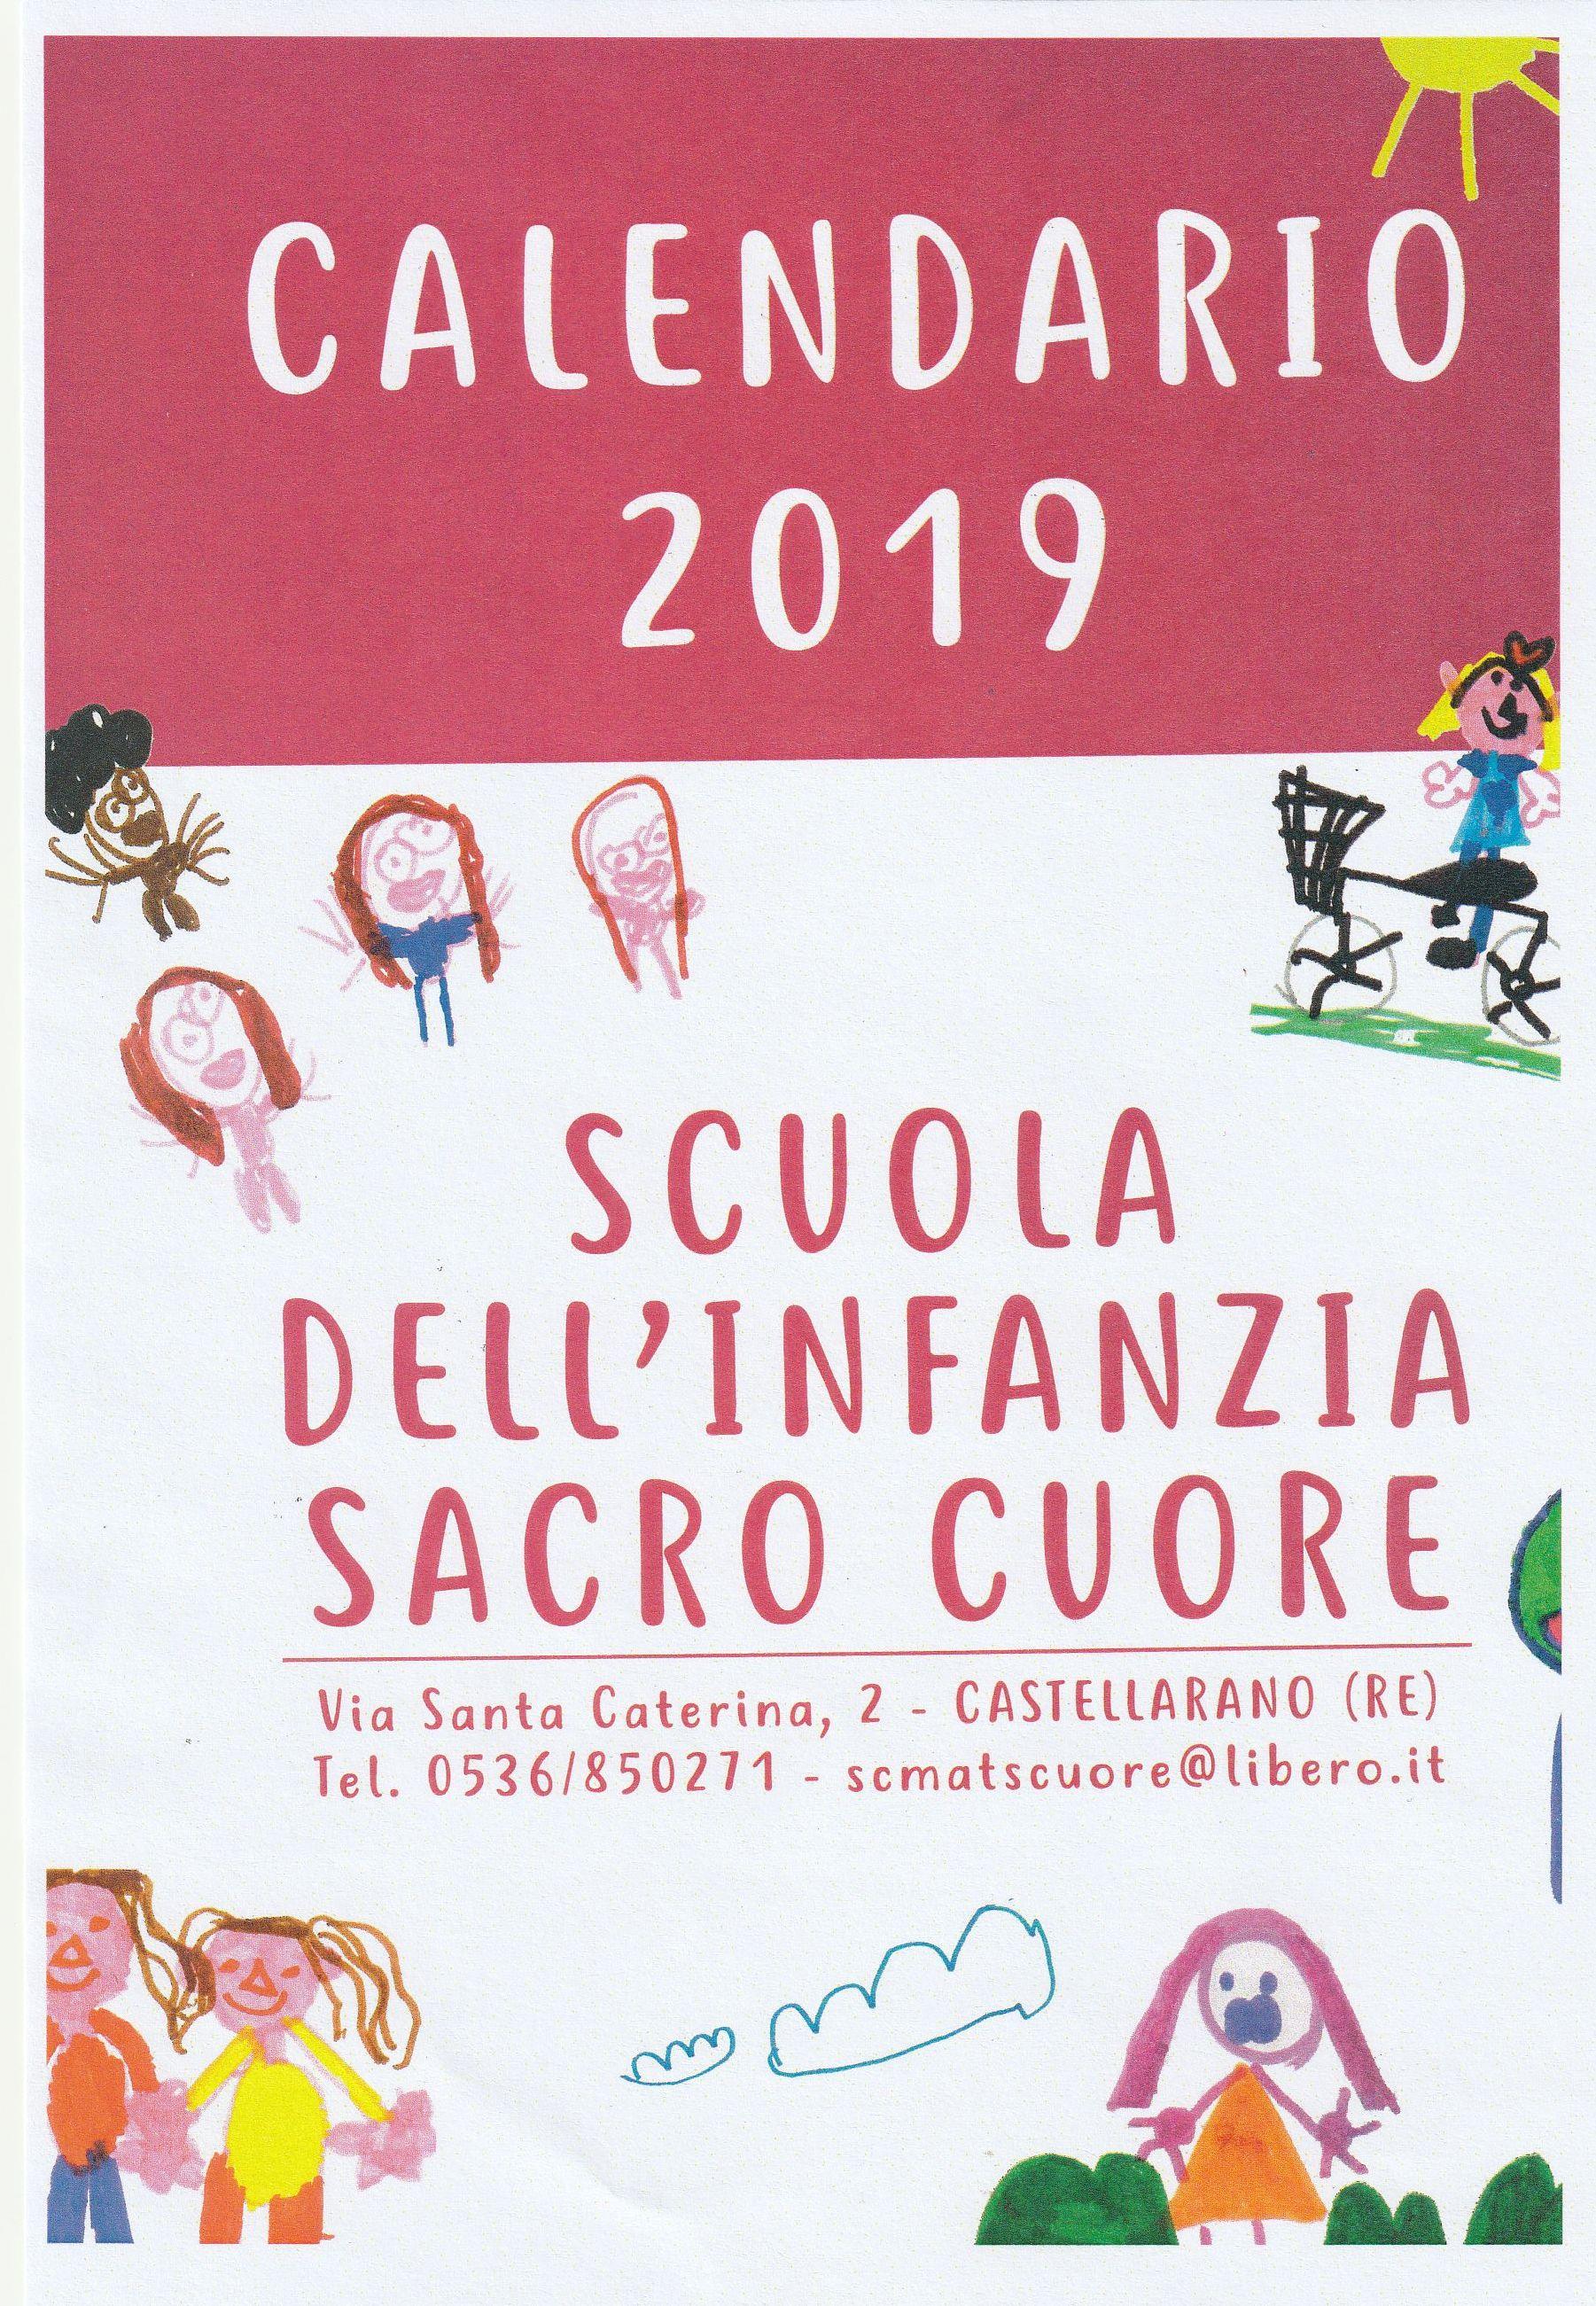 Calendario Bambini Scuola Infanzia.Scuola Dell Infanzia Sacro Cuore Unita Pastorale Madonna